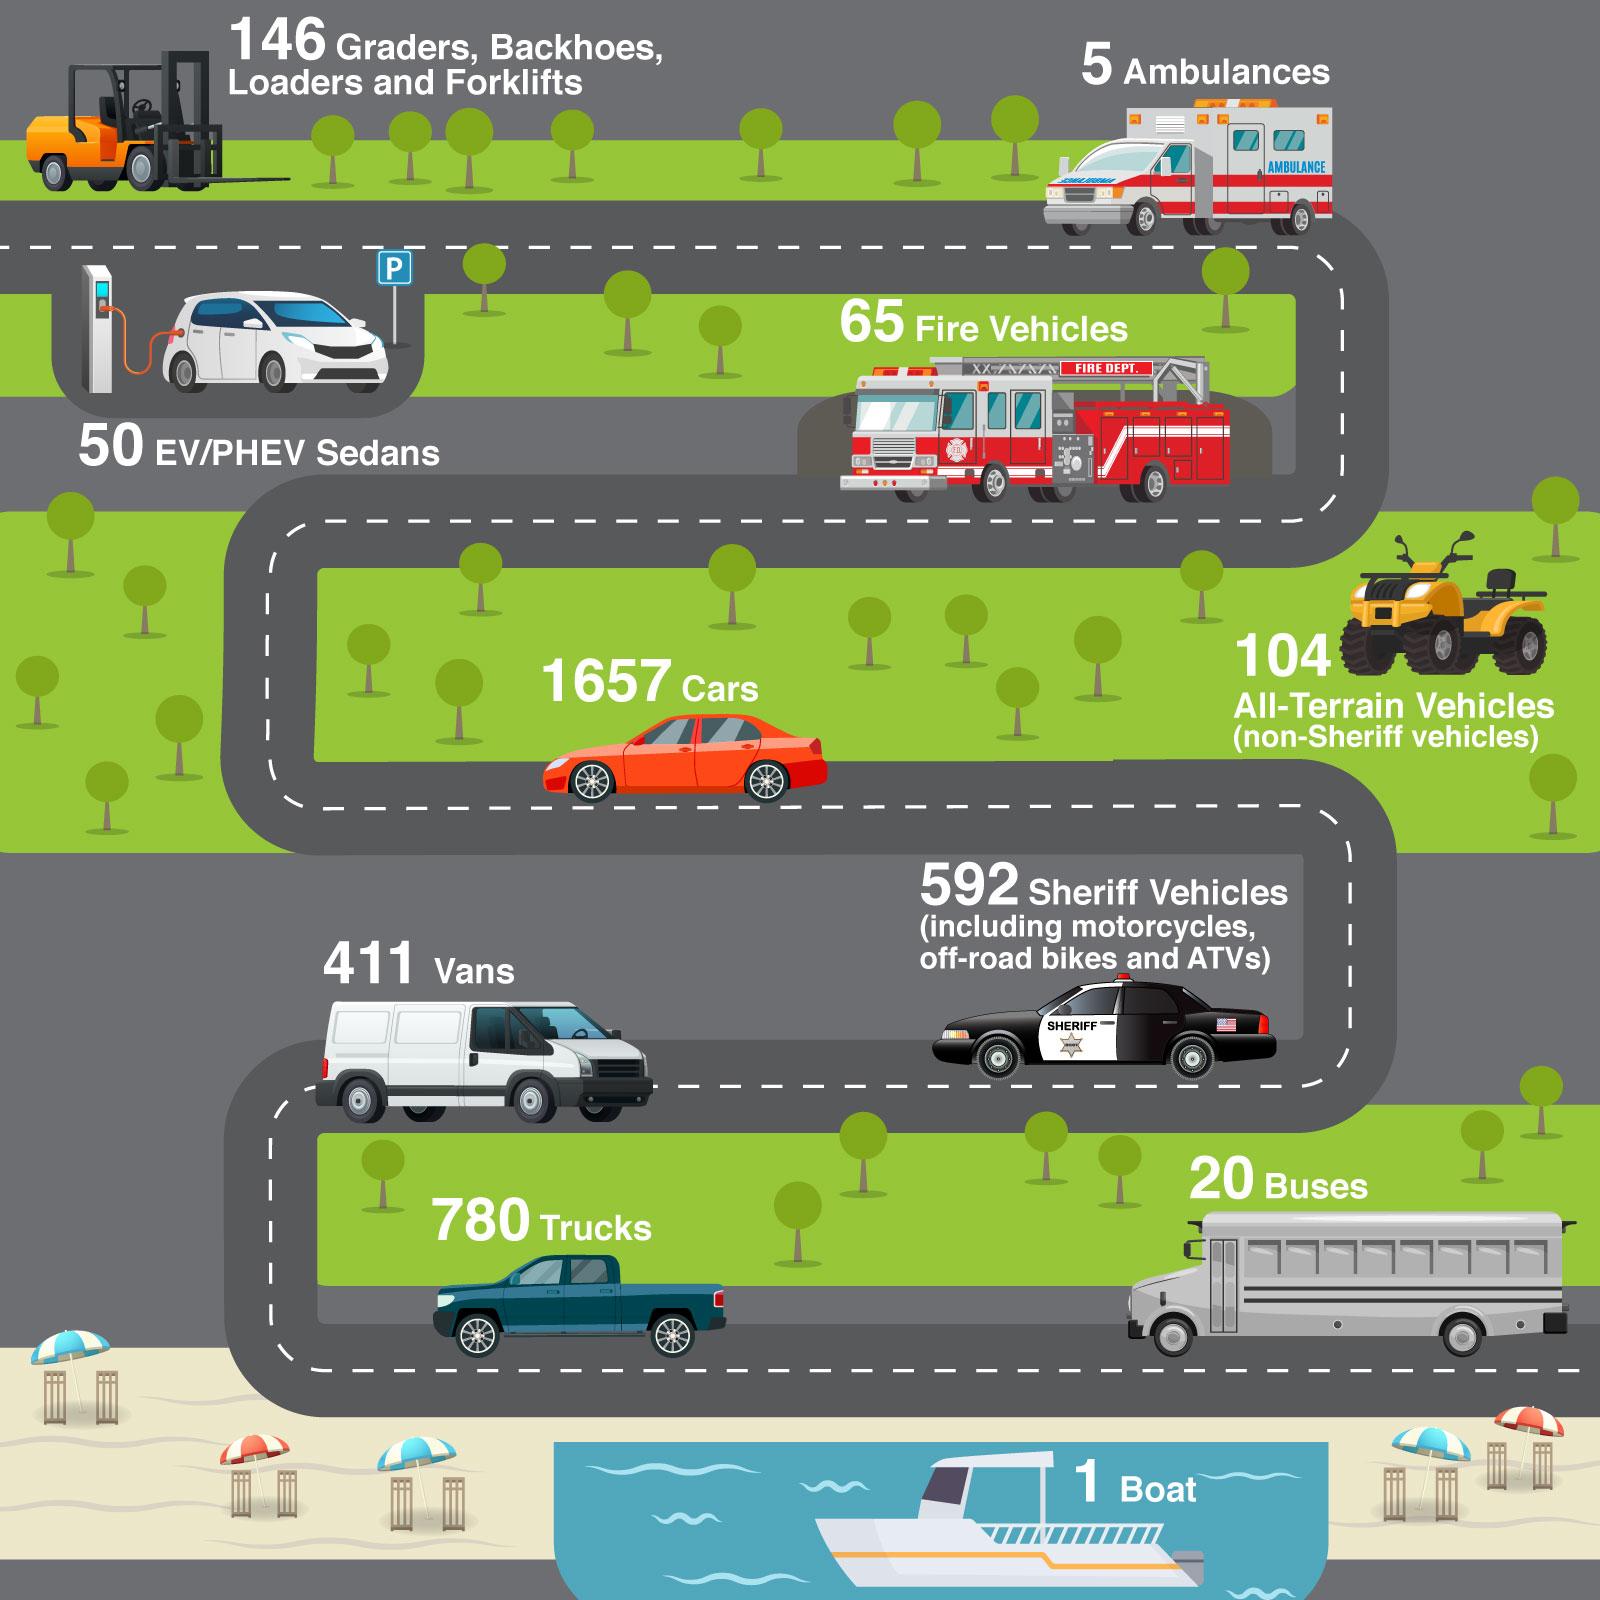 fleet-by-the-numbers-2019 (002).jpg